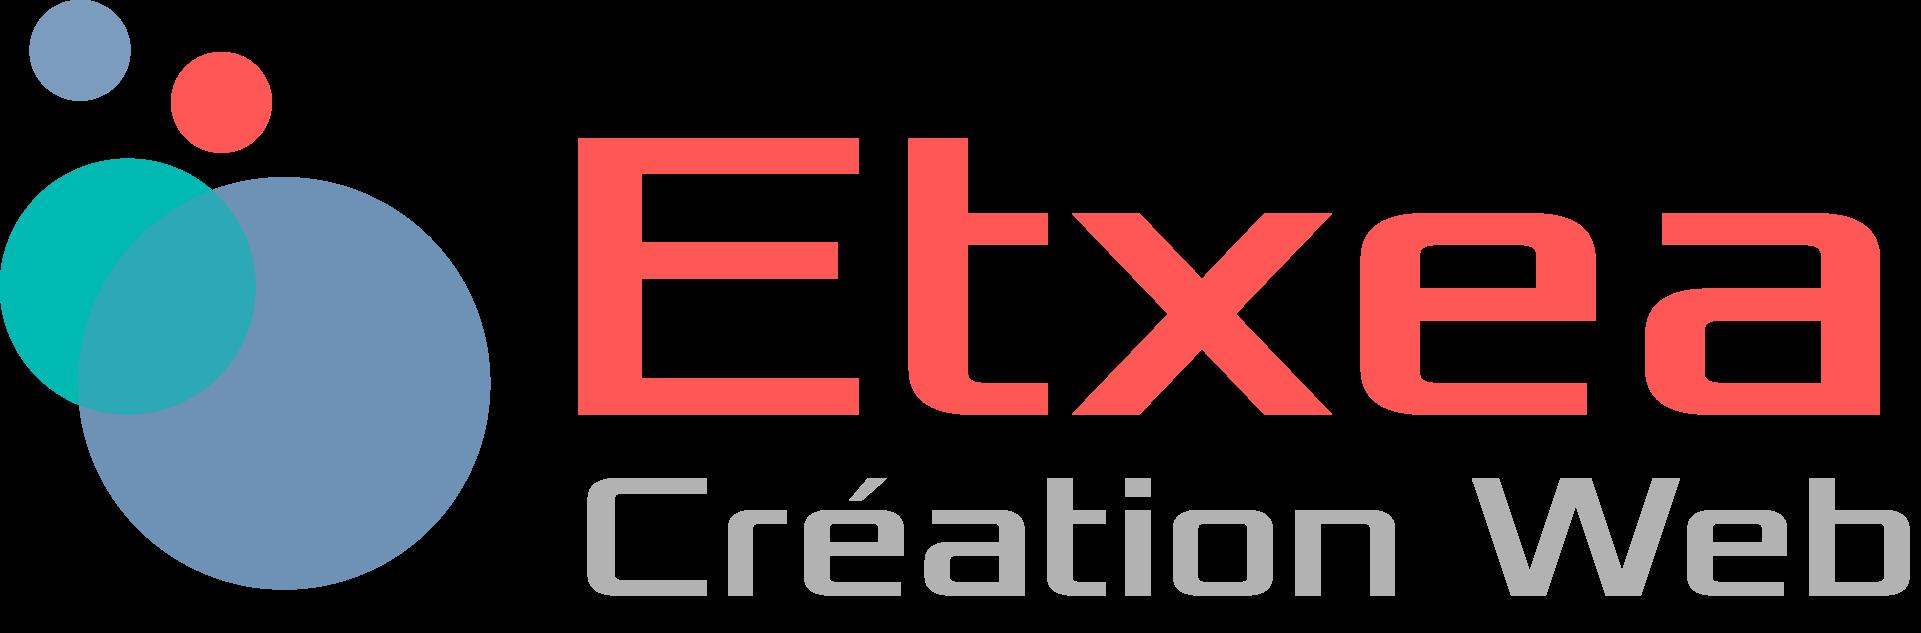 Etxea Création Web